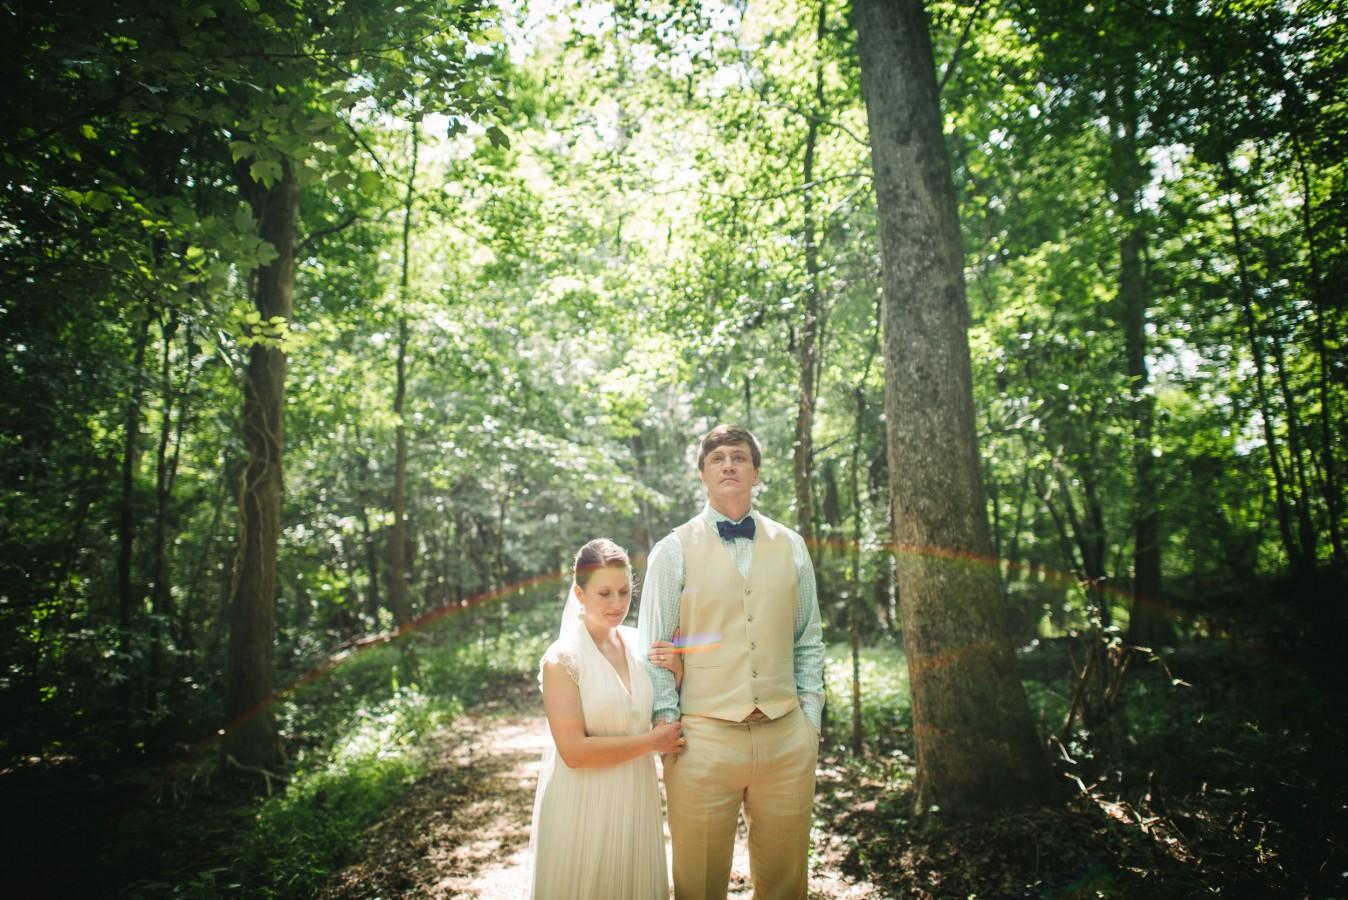 097-fete-photography-portfolio-south-carolina-wedding